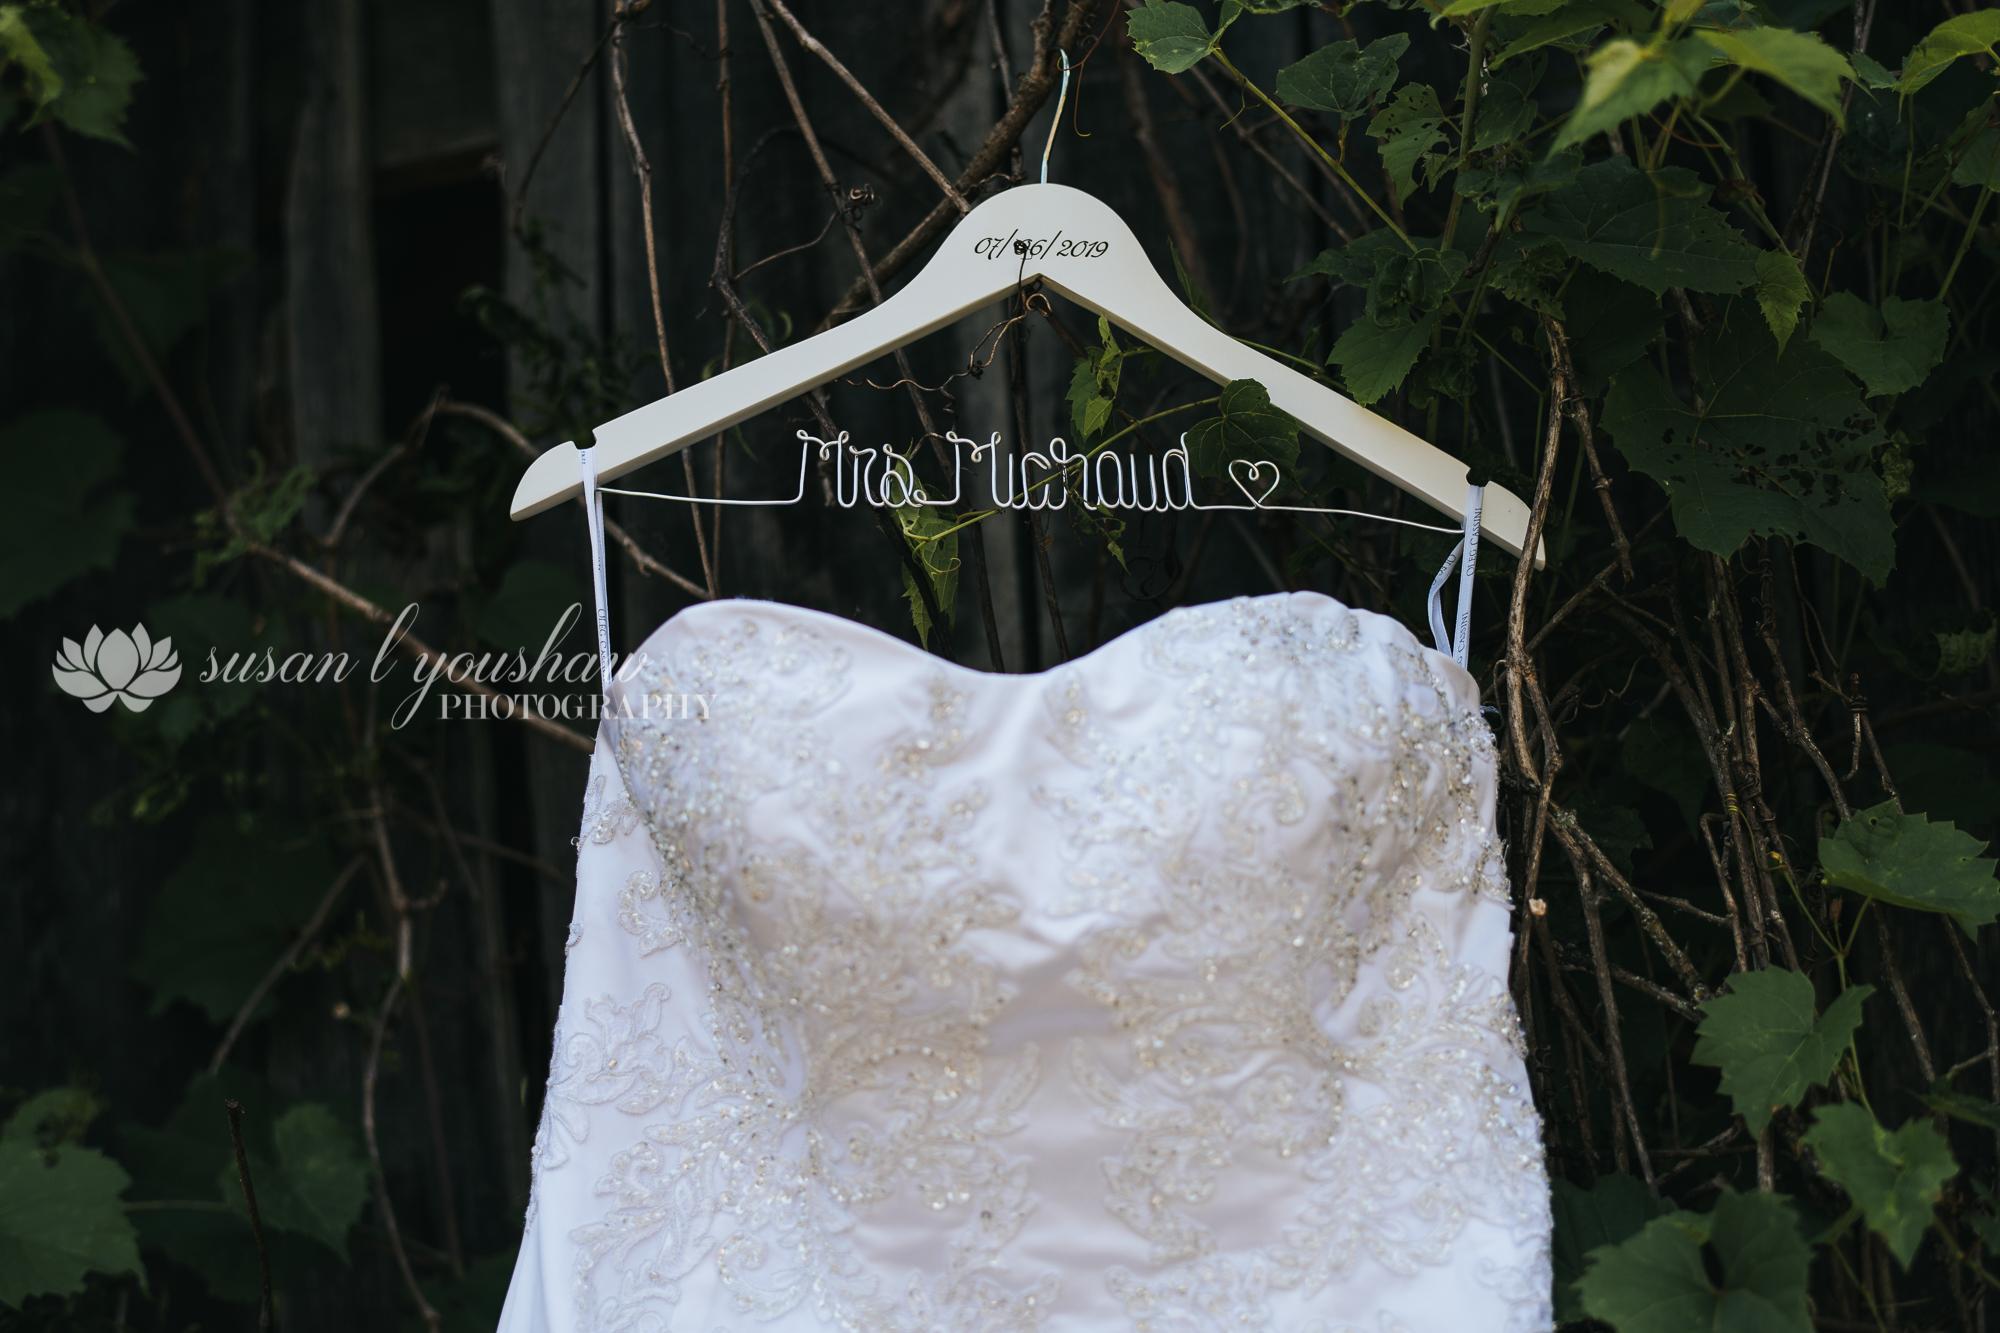 Erin and Jason Wedding Photos 07-06-2019 SLY Photography-12.jpg